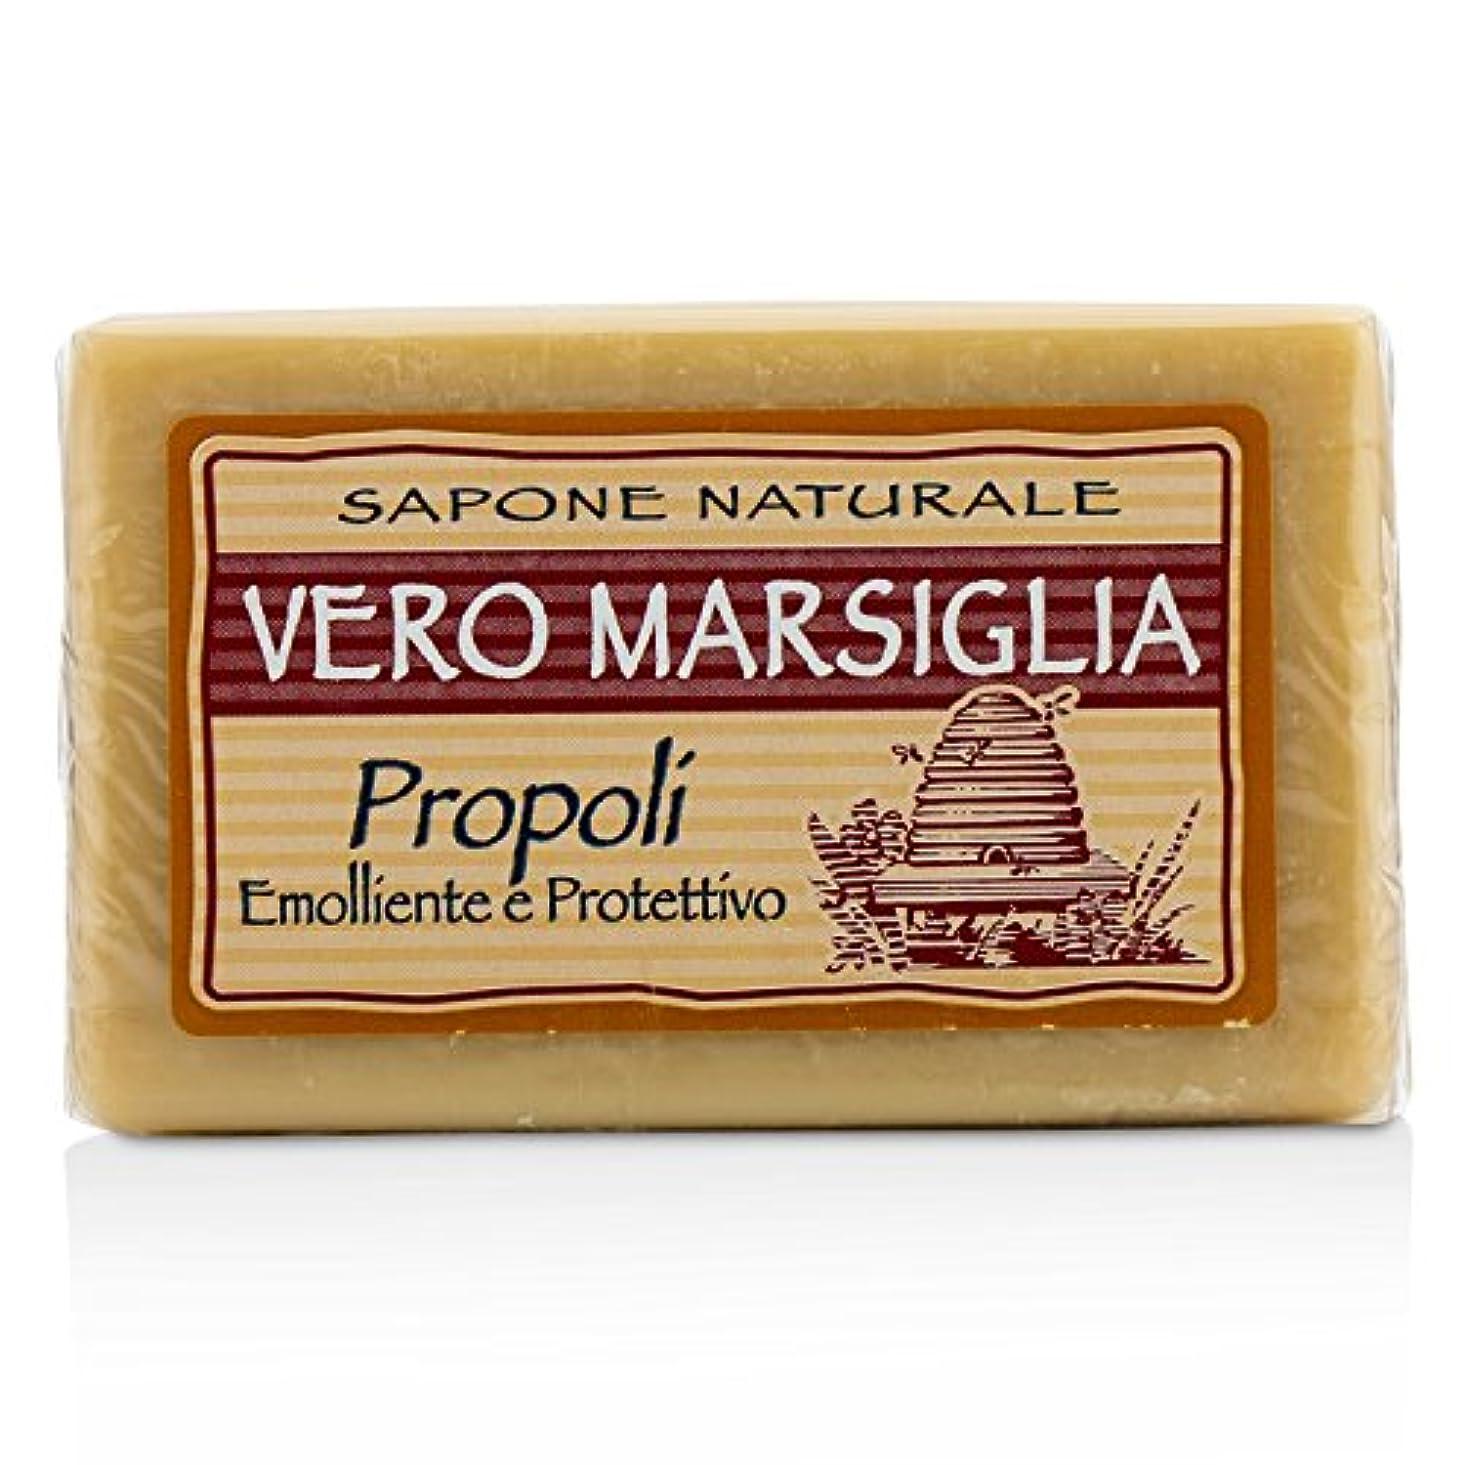 セント見て写真撮影ネスティダンテ Vero Marsiglia Natural Soap - Propolis (Emollient and Protective) 150g/5.29oz並行輸入品